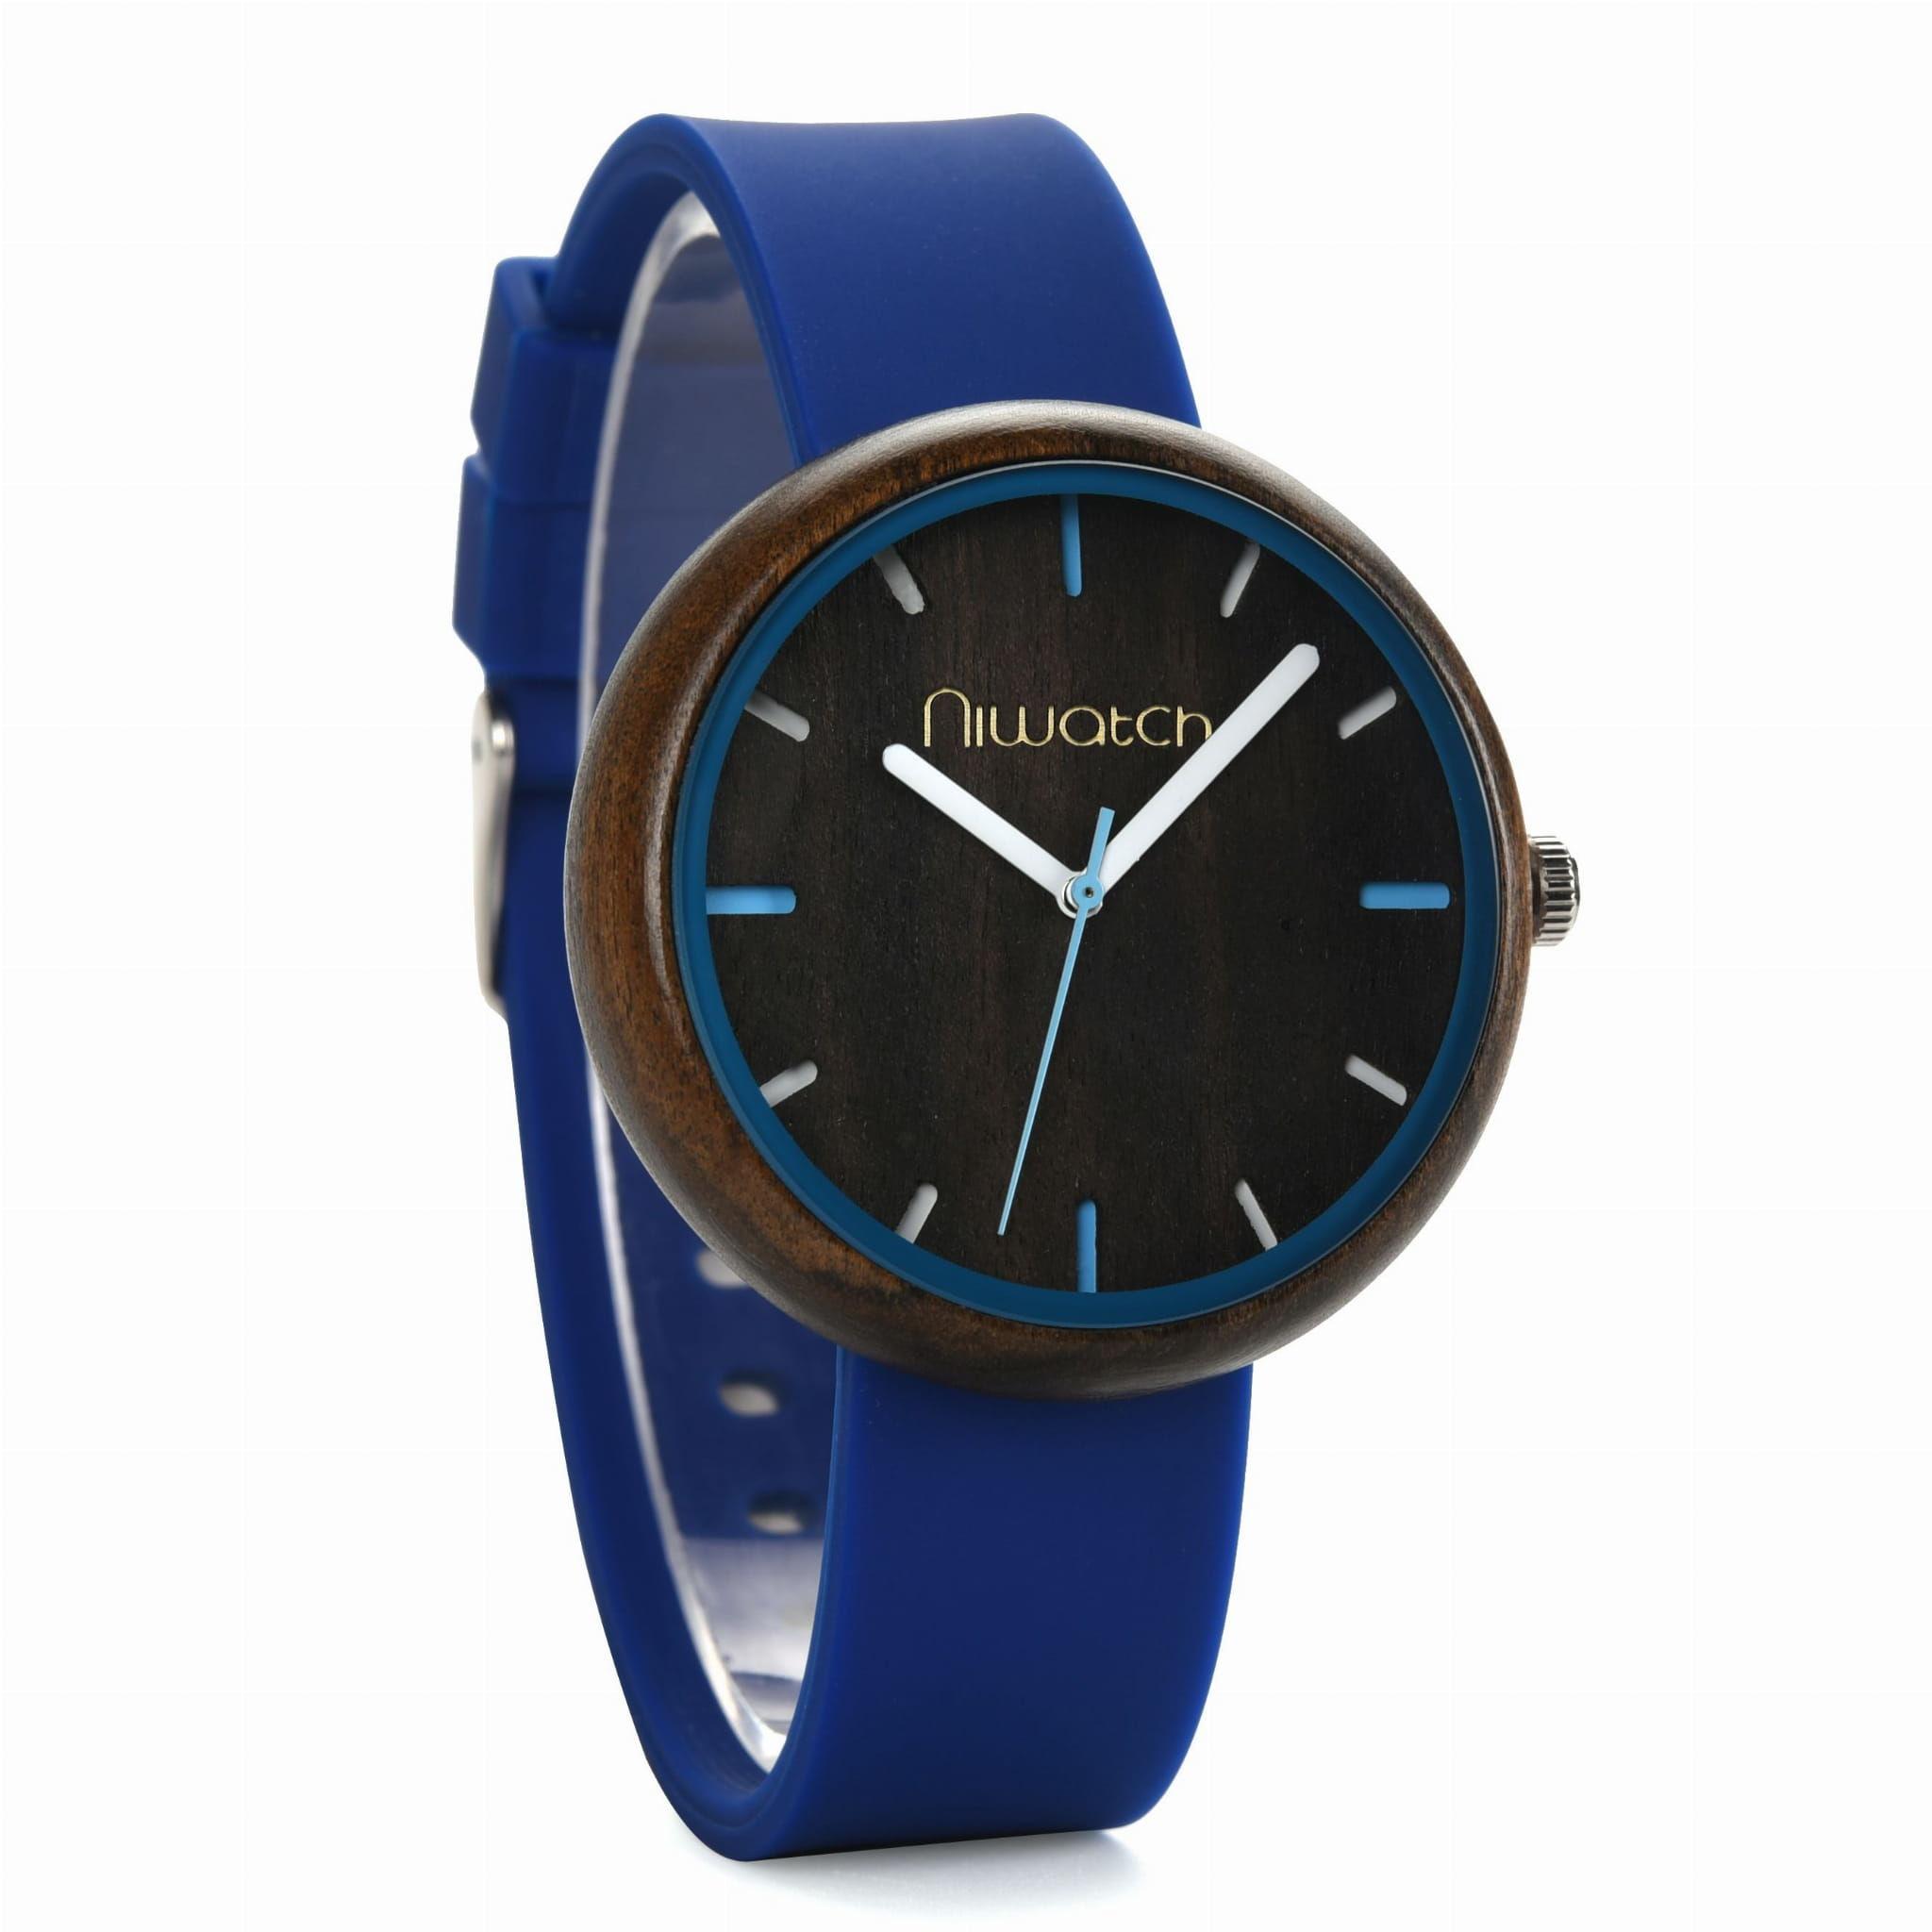 Damski zegarek drewniany Niwatch - kolekcja ACTIVE - niebieski